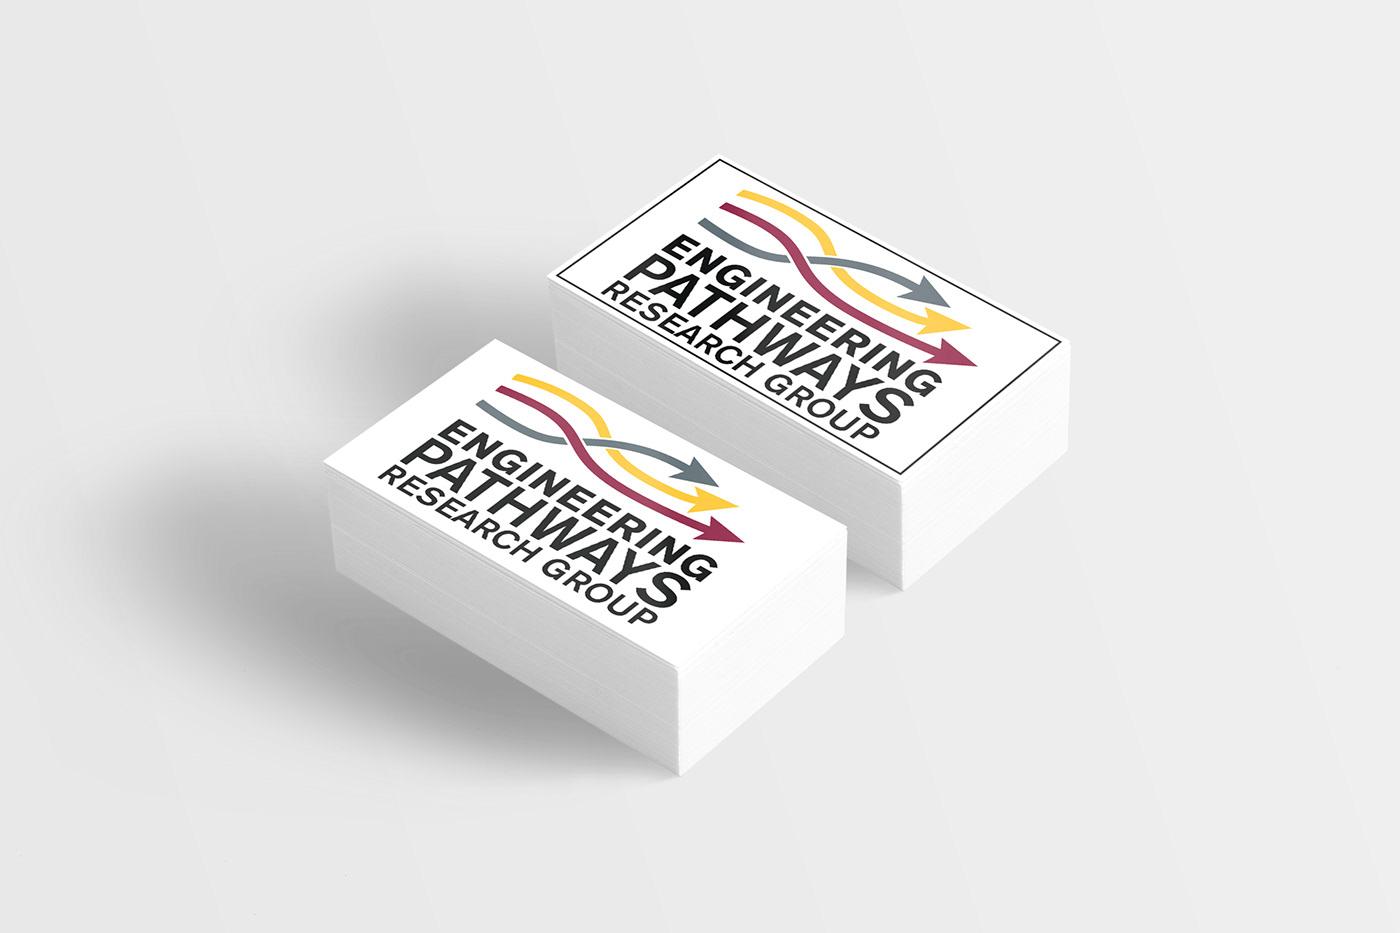 GIT-Awards-F18 branding  Logo Design